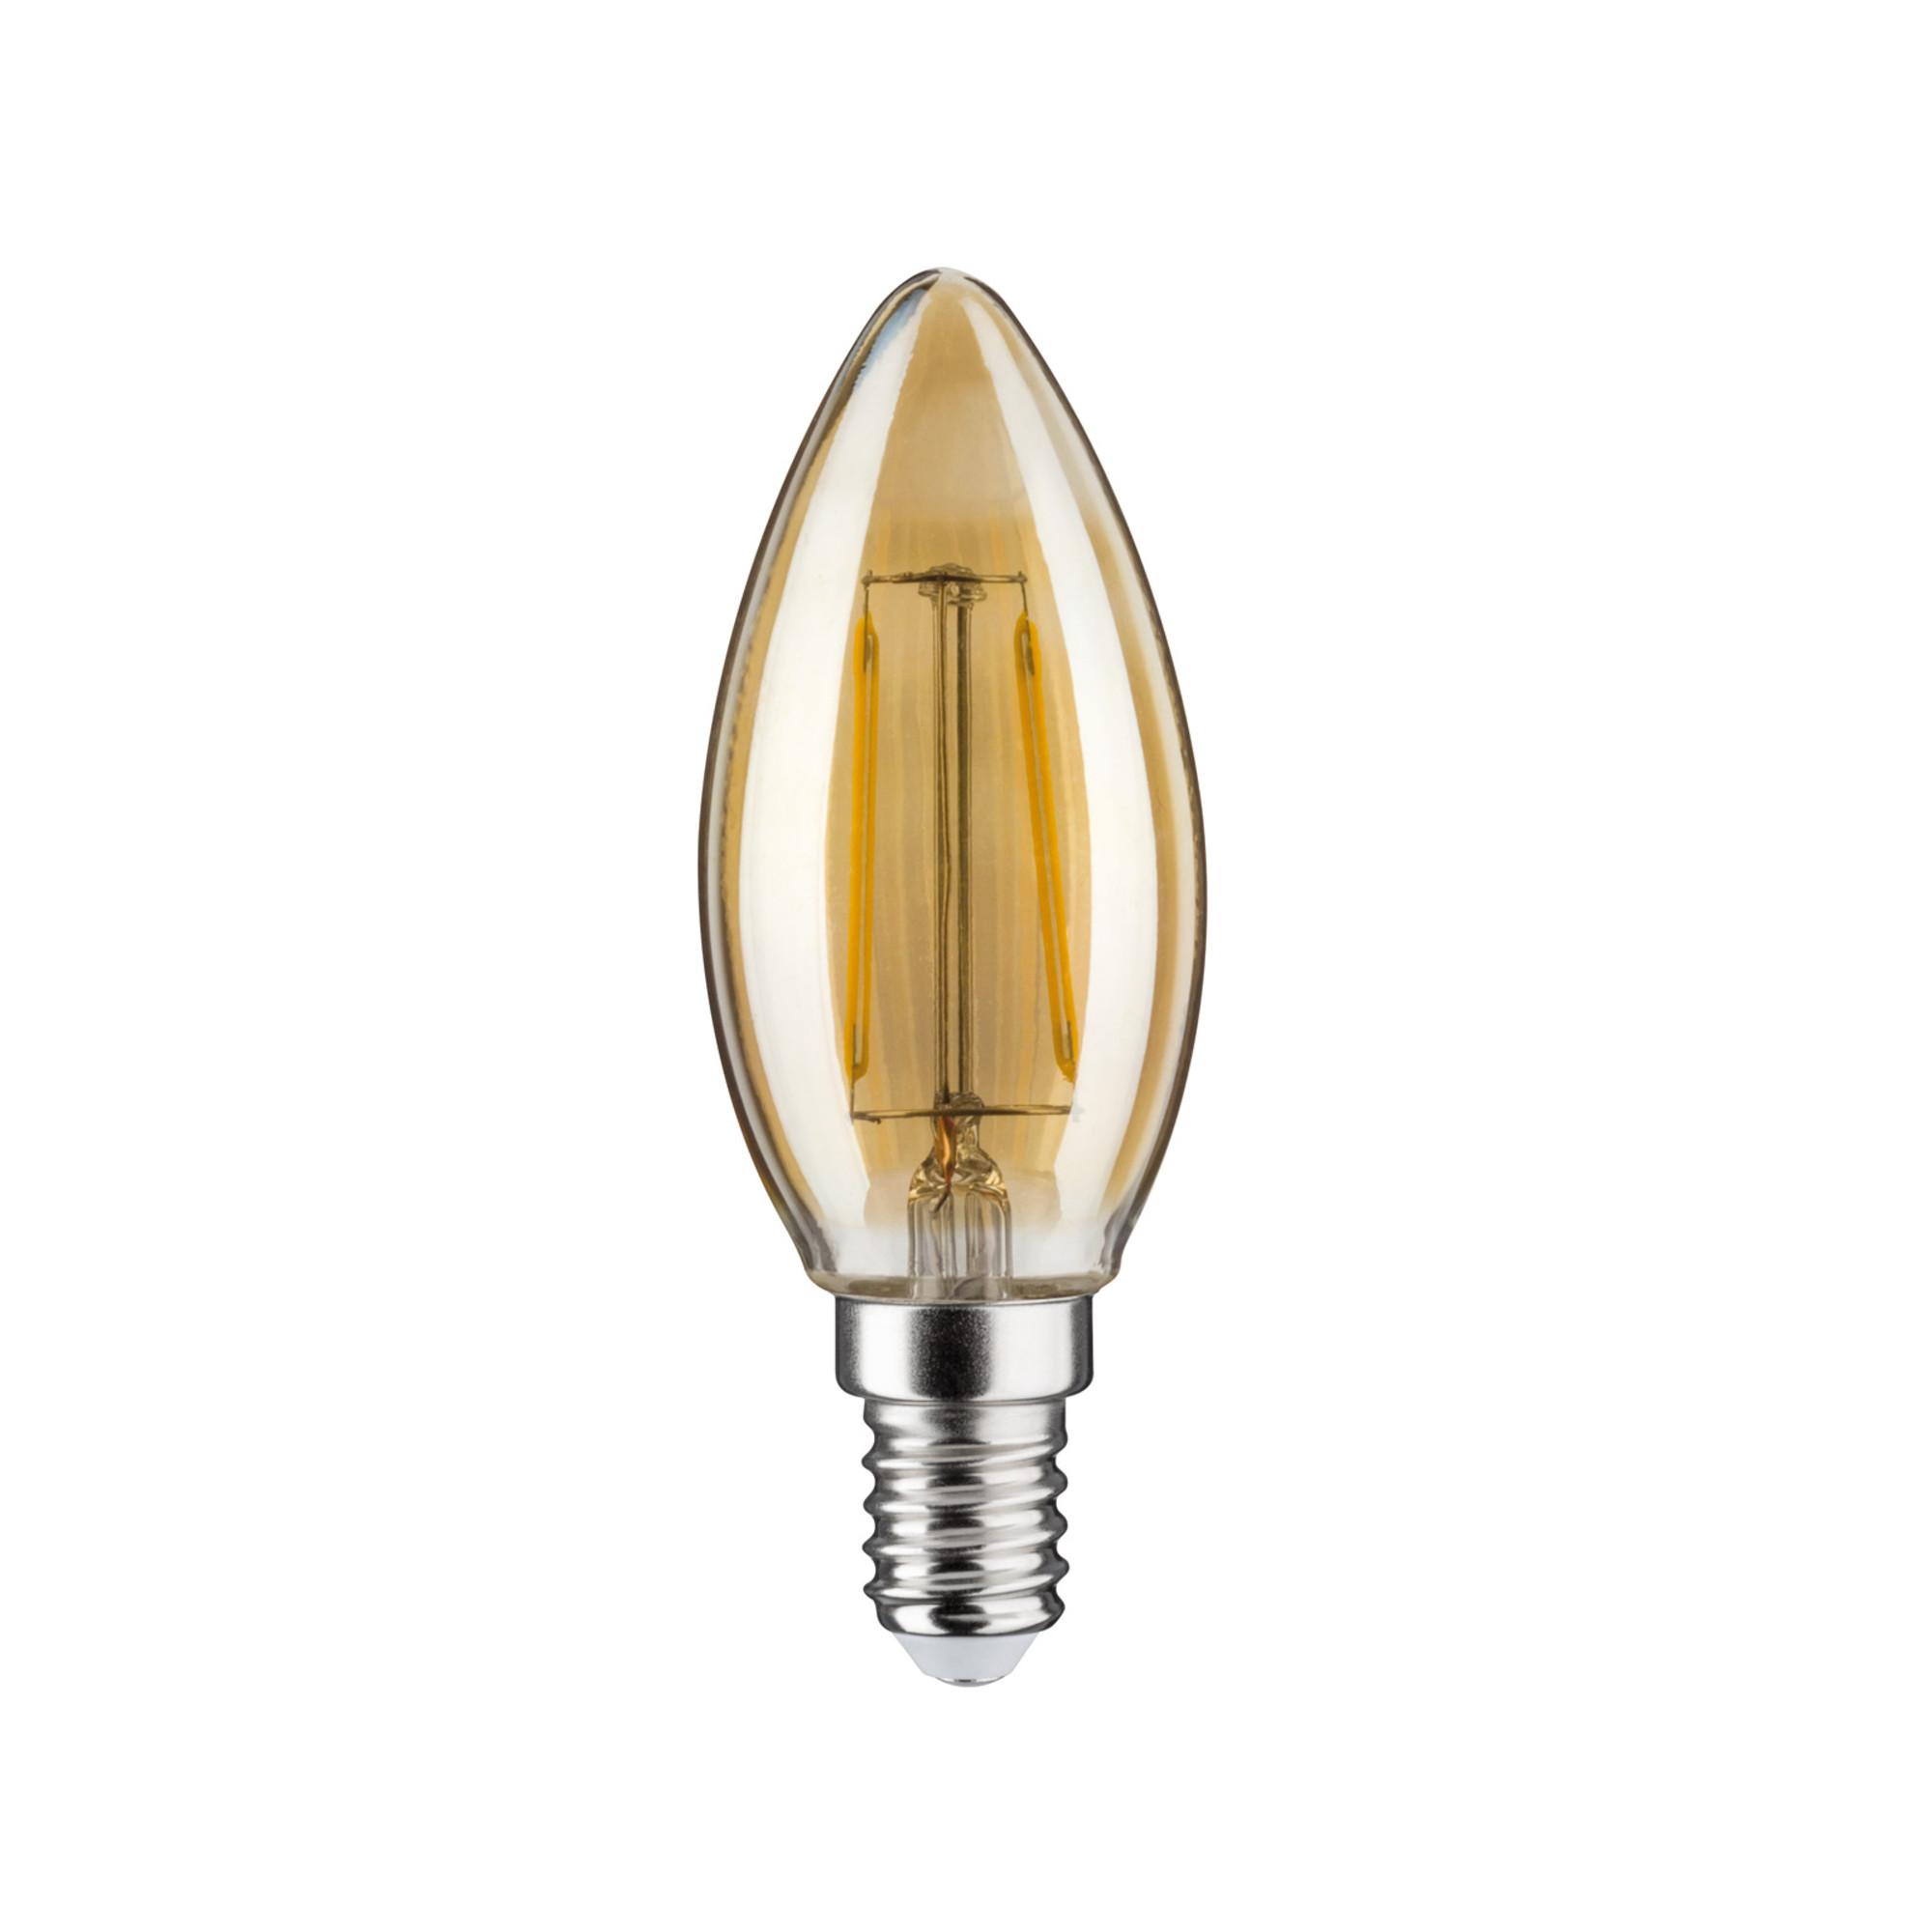 Лампа филаментная Paulmann Ретро Свеча 4.5Вт 430лм 2500К Е14 230В Золото Регулируемая яркость 28493.